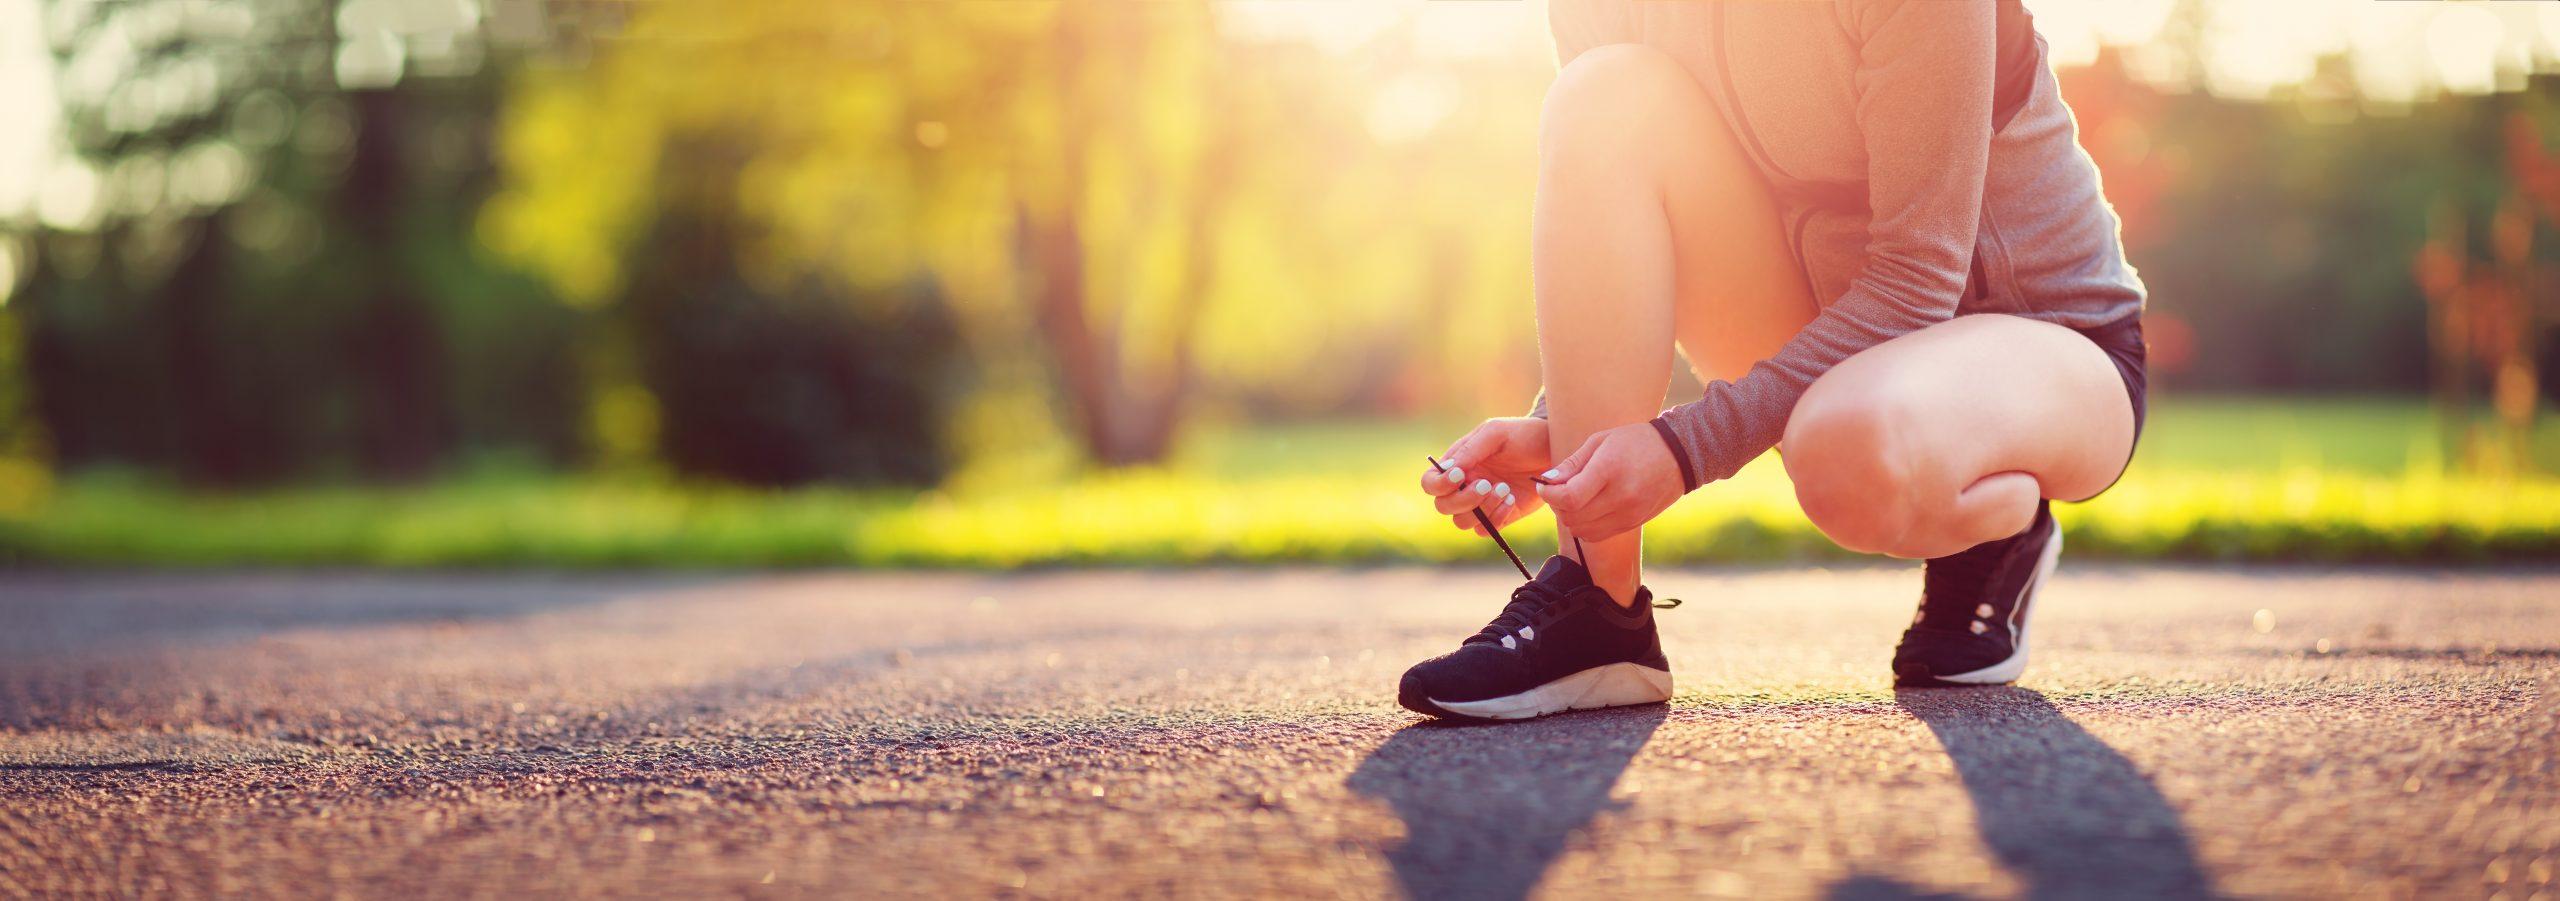 ejercicio y cancer